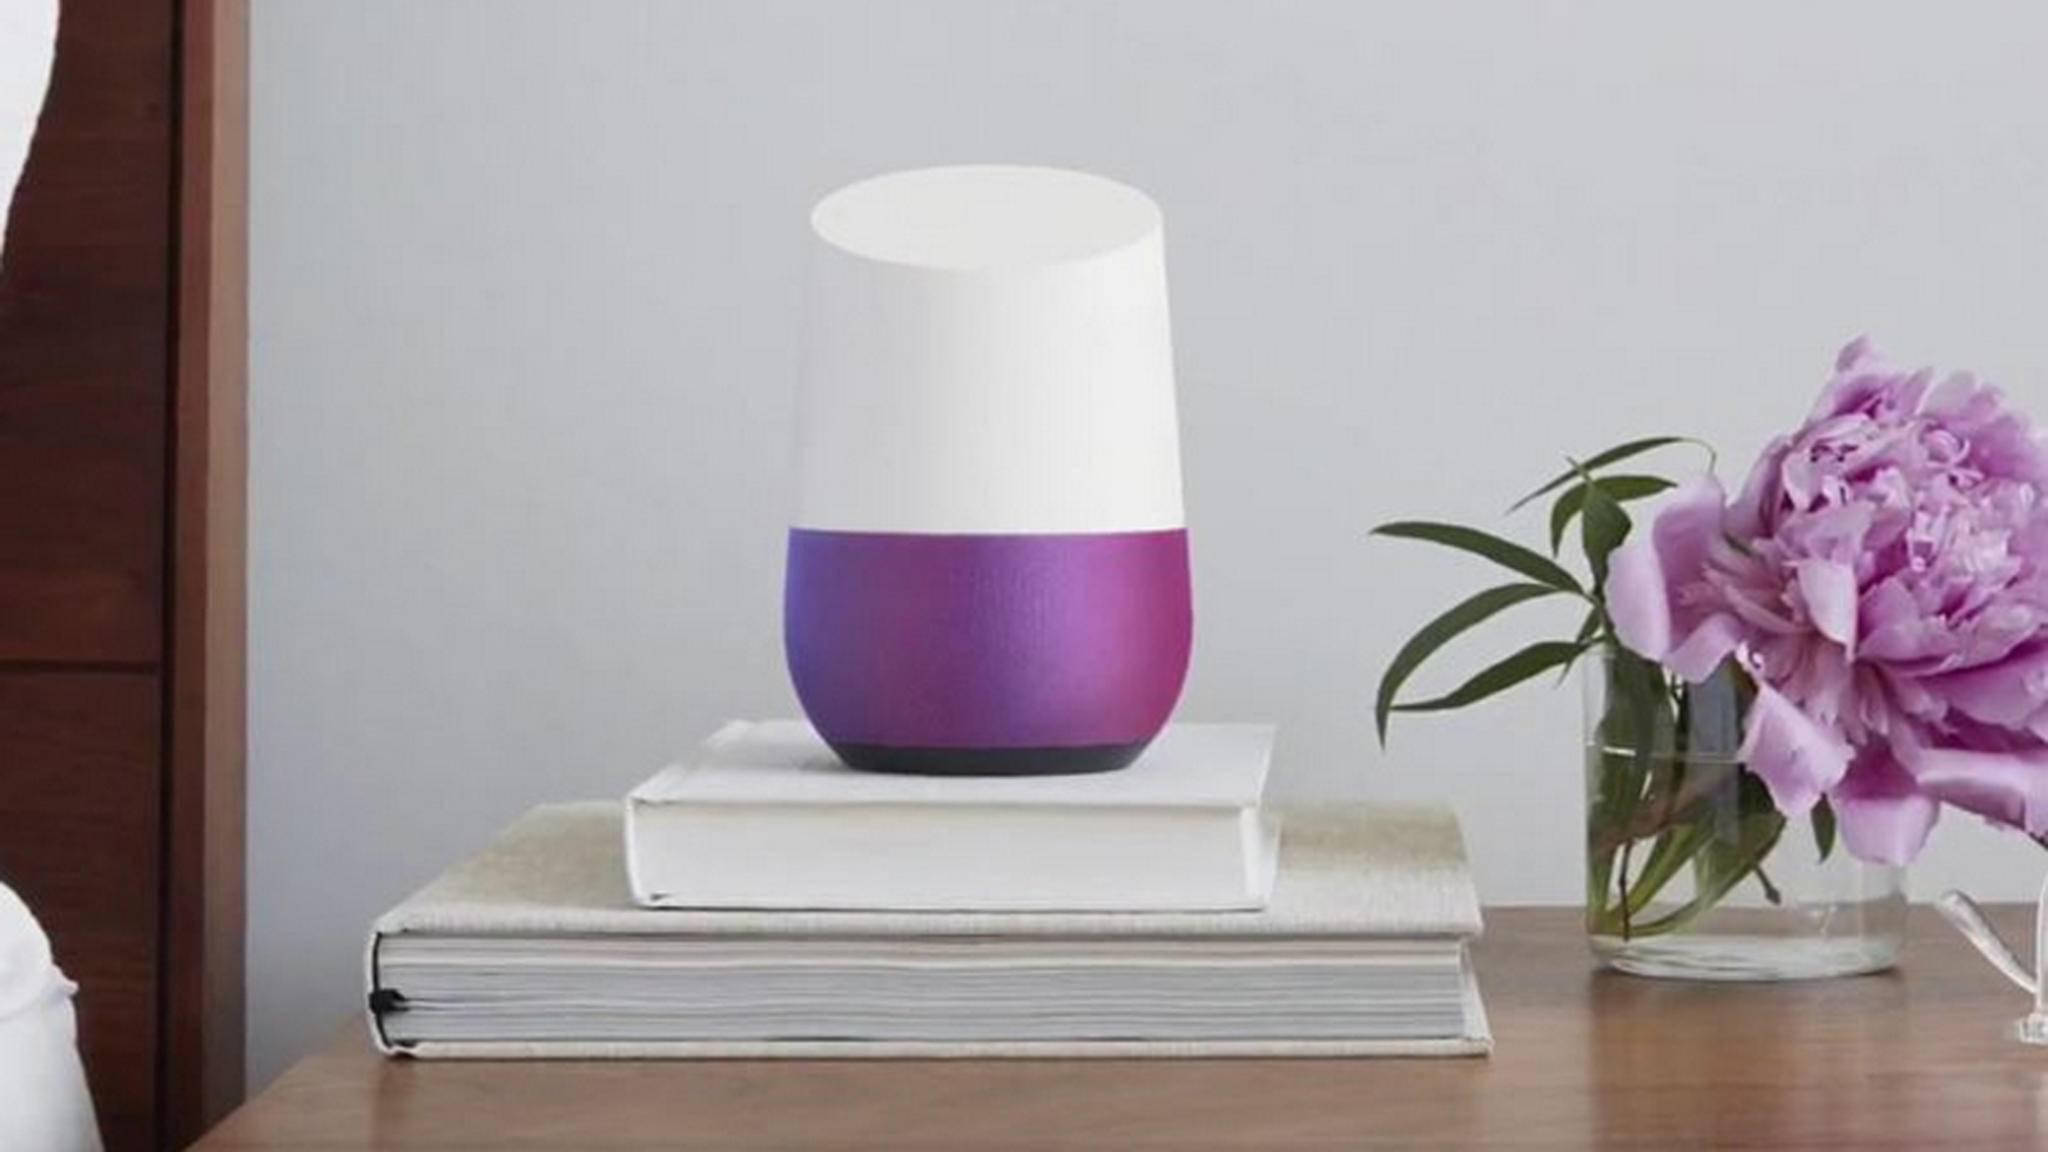 Per Sprachbefehl sollen künftig auch LG-Geräte über Google Home steuerbar sein.